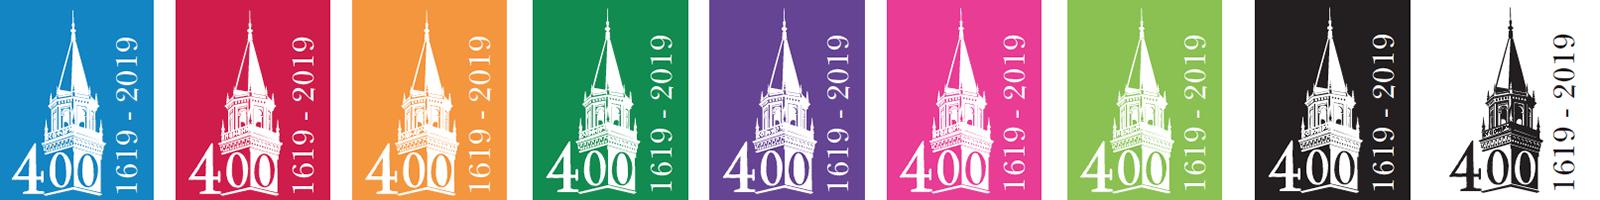 400 Years Celebration